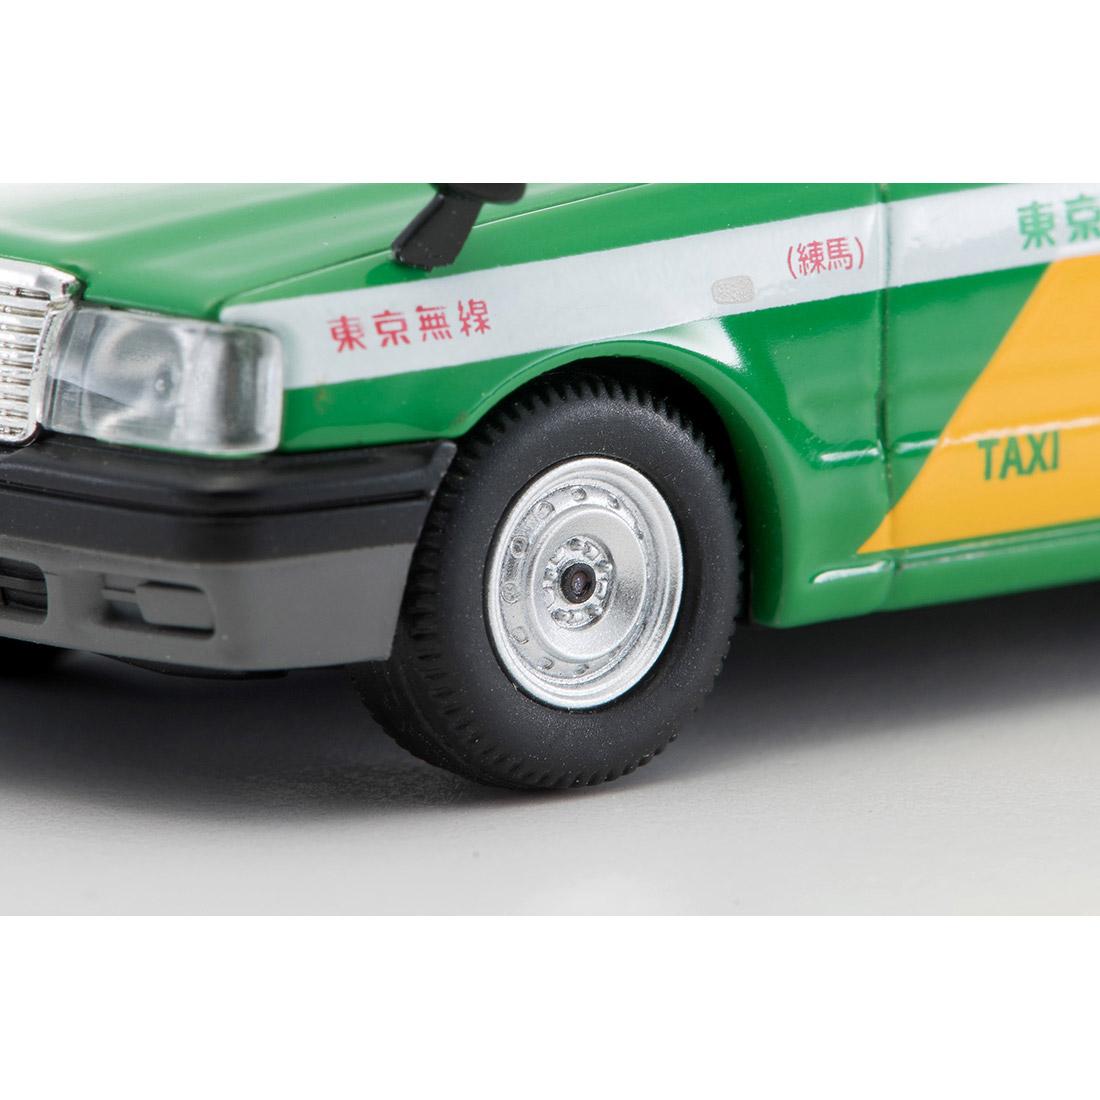 トミカリミテッド ヴィンテージ ネオ TLV-NEO『LV-N218a トヨタ クラウンコンフォート 東京無線タクシー(緑)』1/64 ミニカー-007